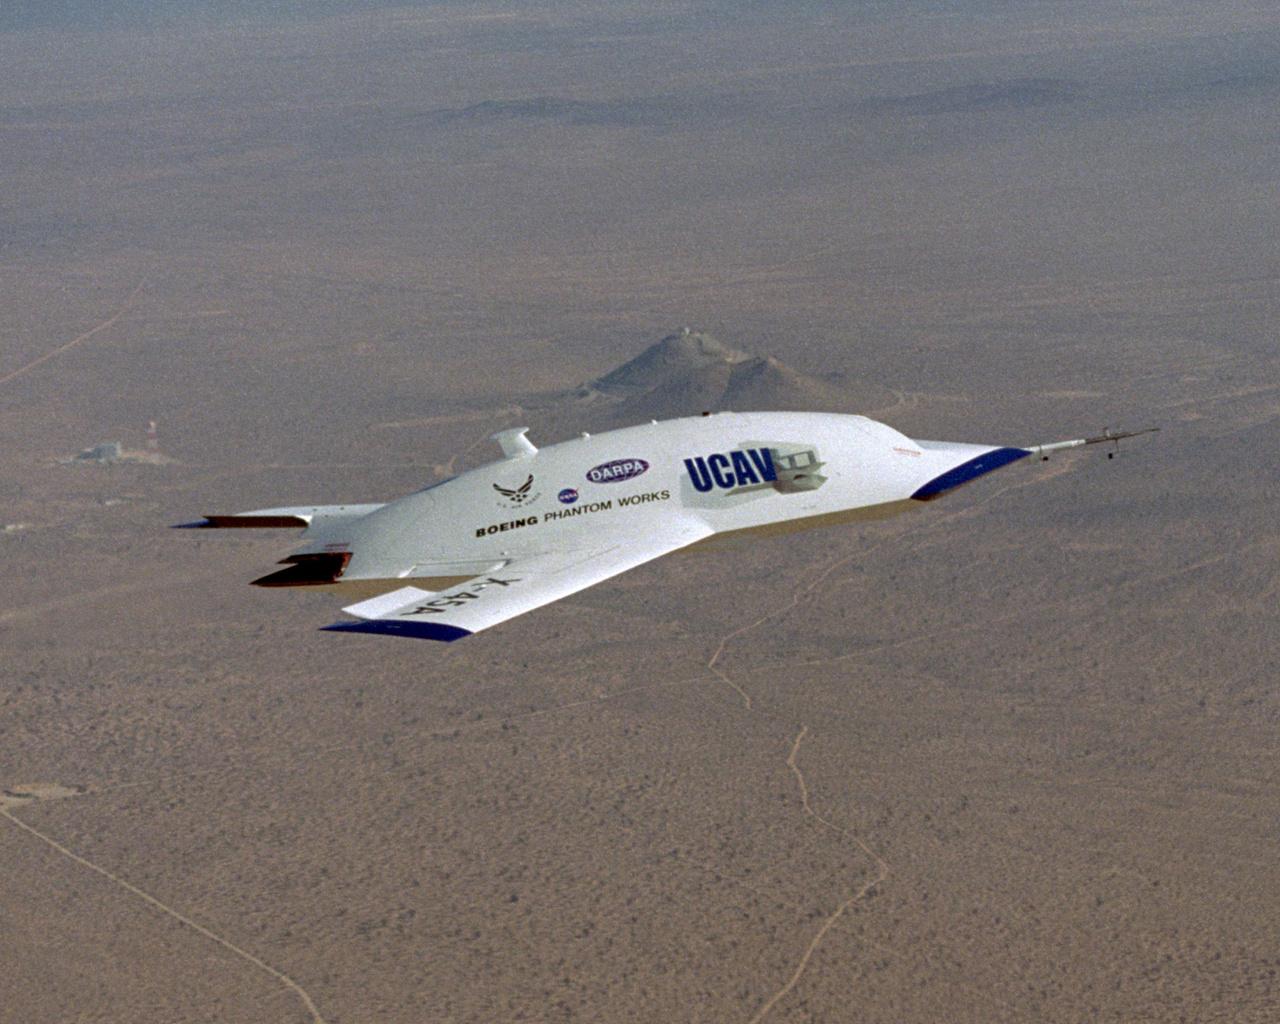 A Boeing X-45 kísérleti pilóta nélküli lopakodó bombázó 2002-ben száll föl először. A képen is látható X-45A típusból kettő épült, amiket további változatok követtek, a program végül az X-47 megalkotásához vezetett.